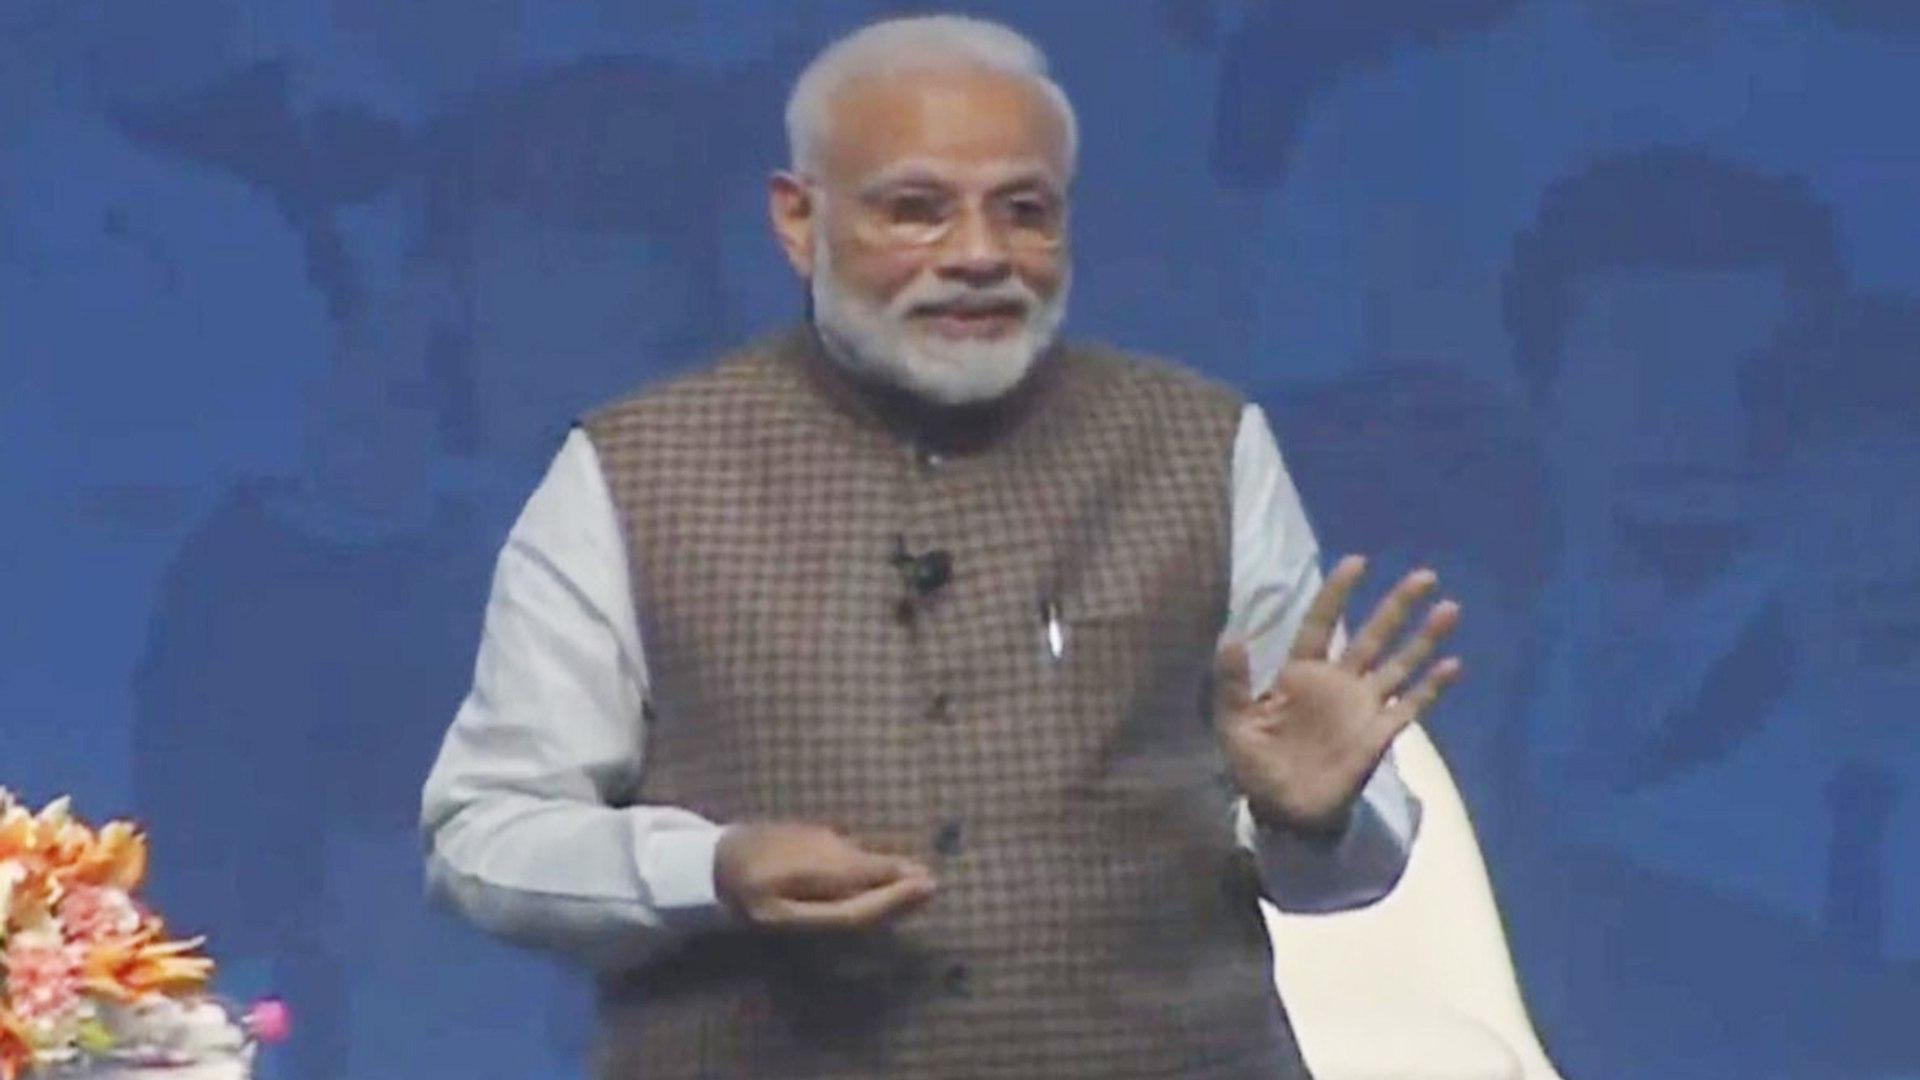 PM Modi ने Air Strike को चुनाव से जोड़नेवालों को दिया मुंहतोड़ जवाब | वनइंडिया हिंदी